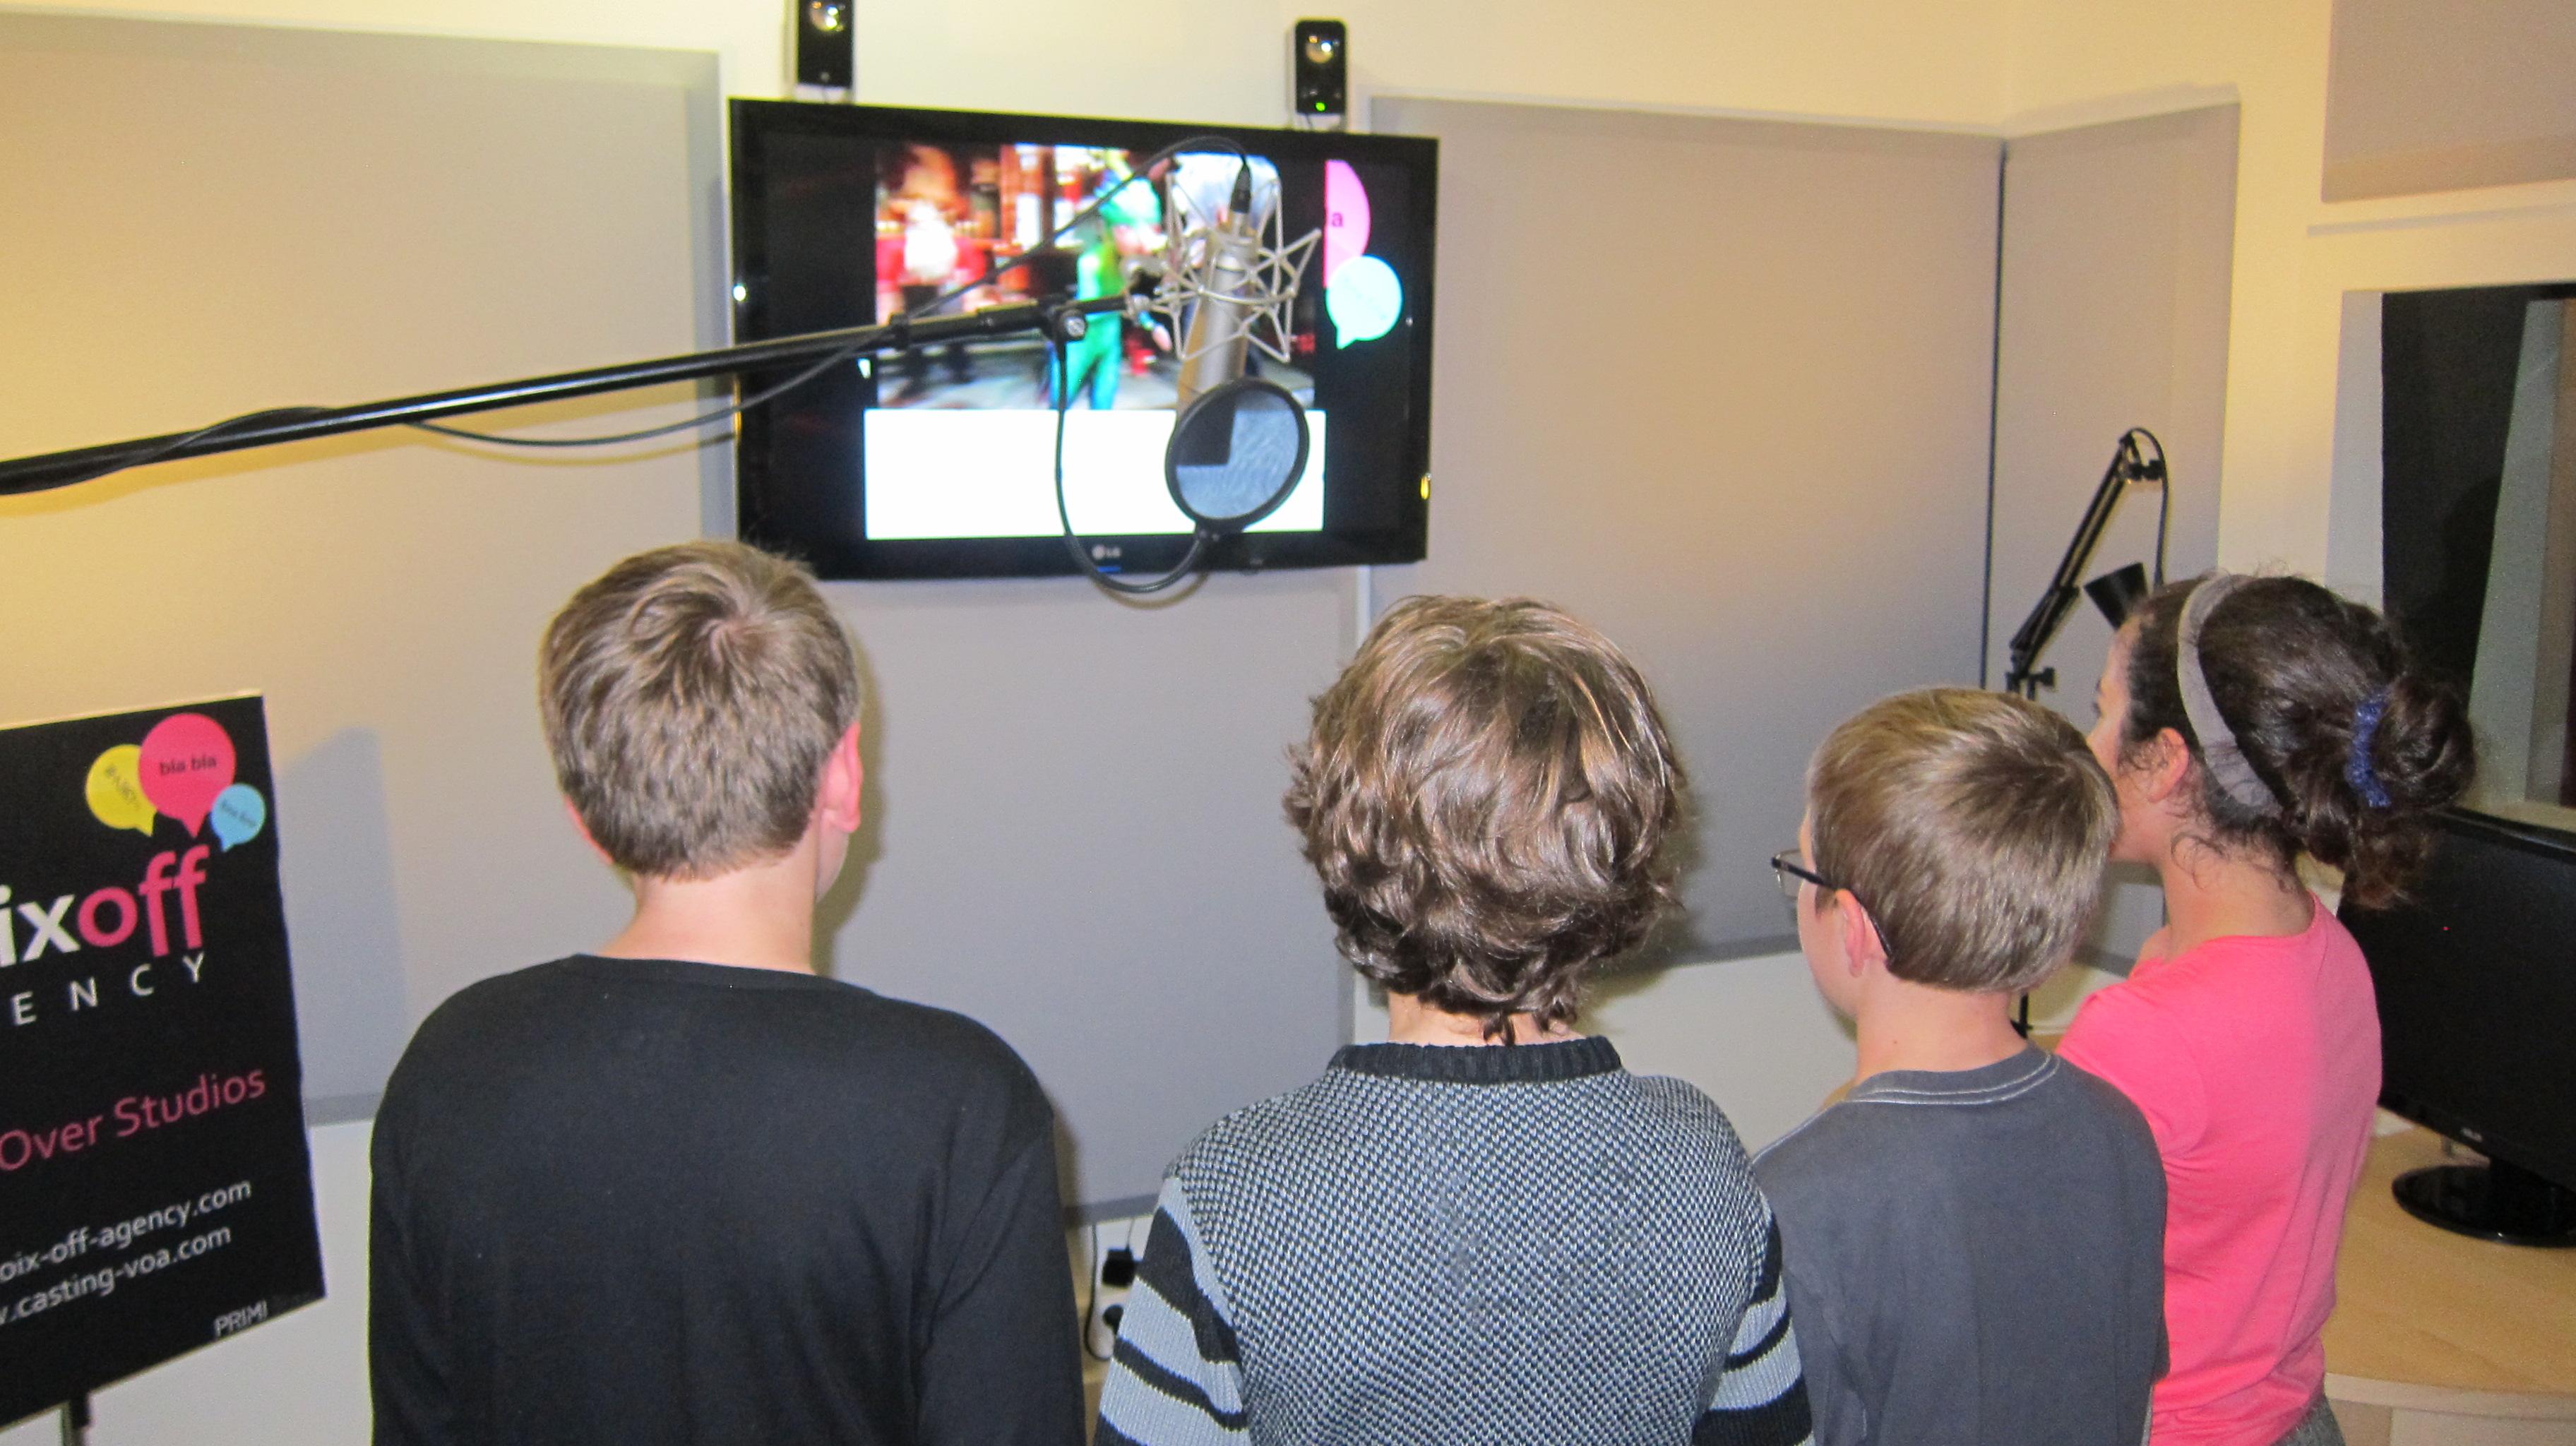 Ateliers Doublage Studios VOA